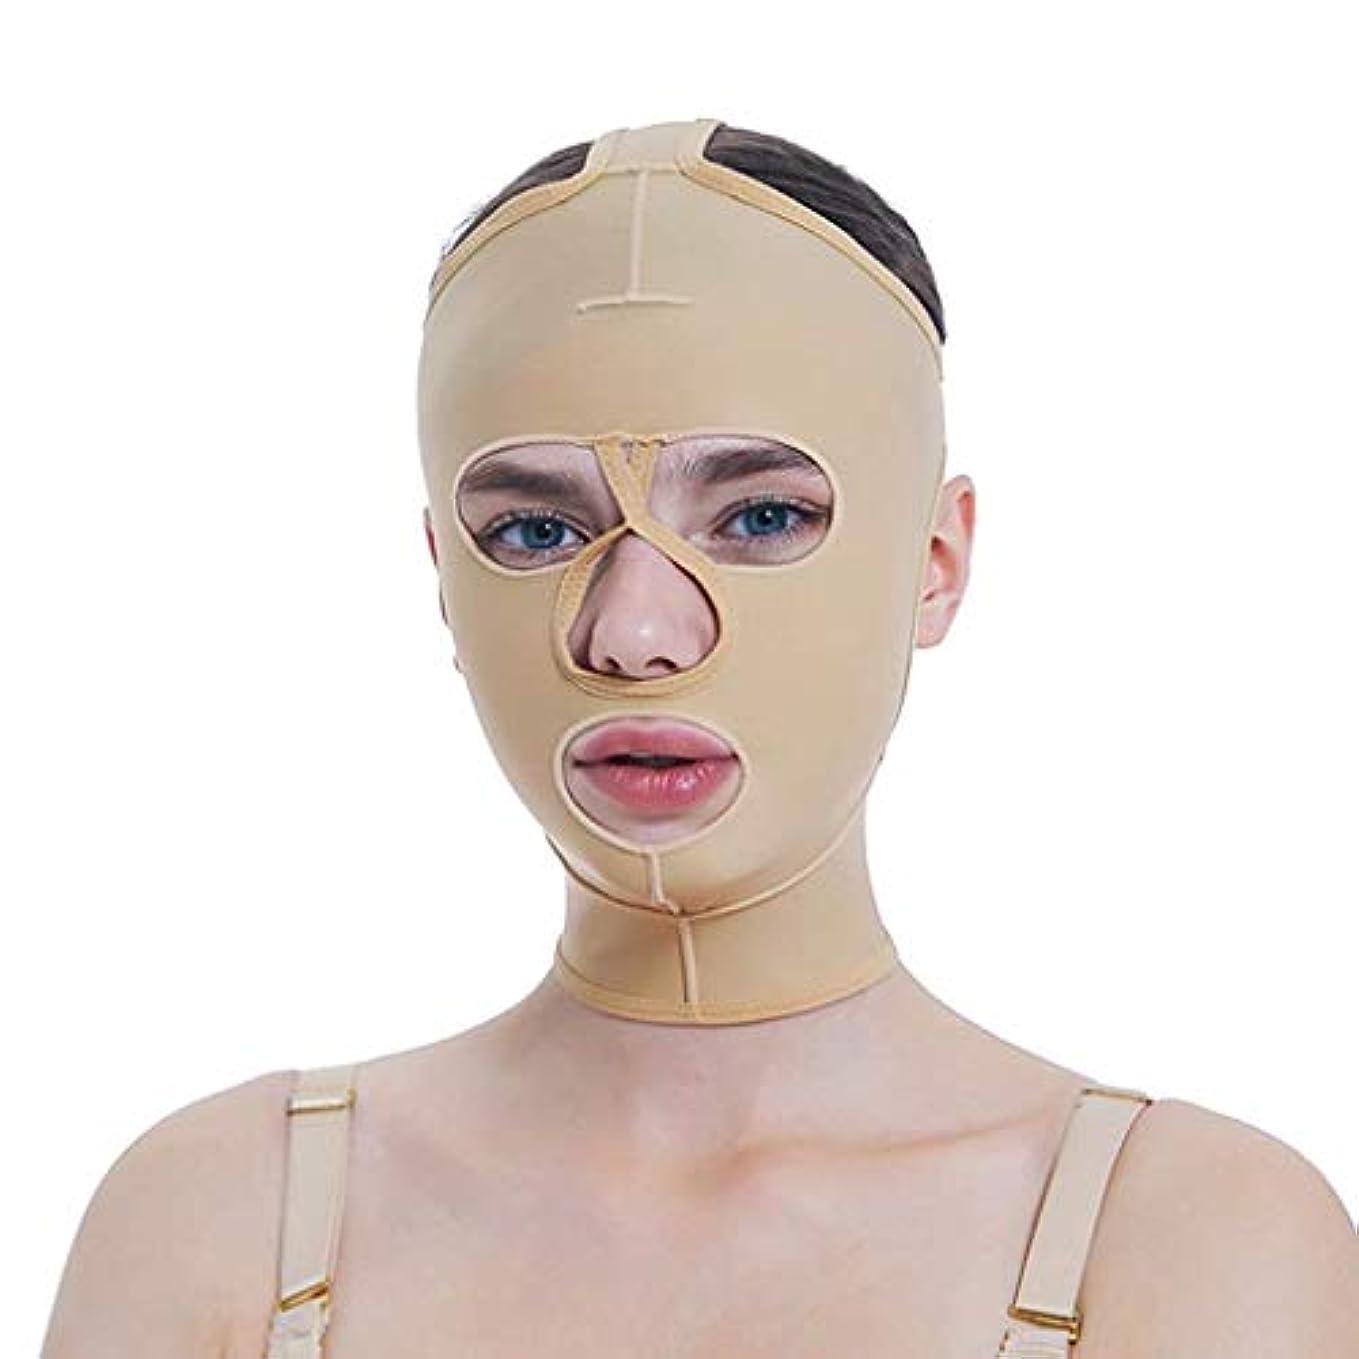 座標気になる安全な脂肪吸引術用成形マスク、薄手かつらVフェイスビームフェイス弾性スリーブマルチサイズオプション(サイズ:S)